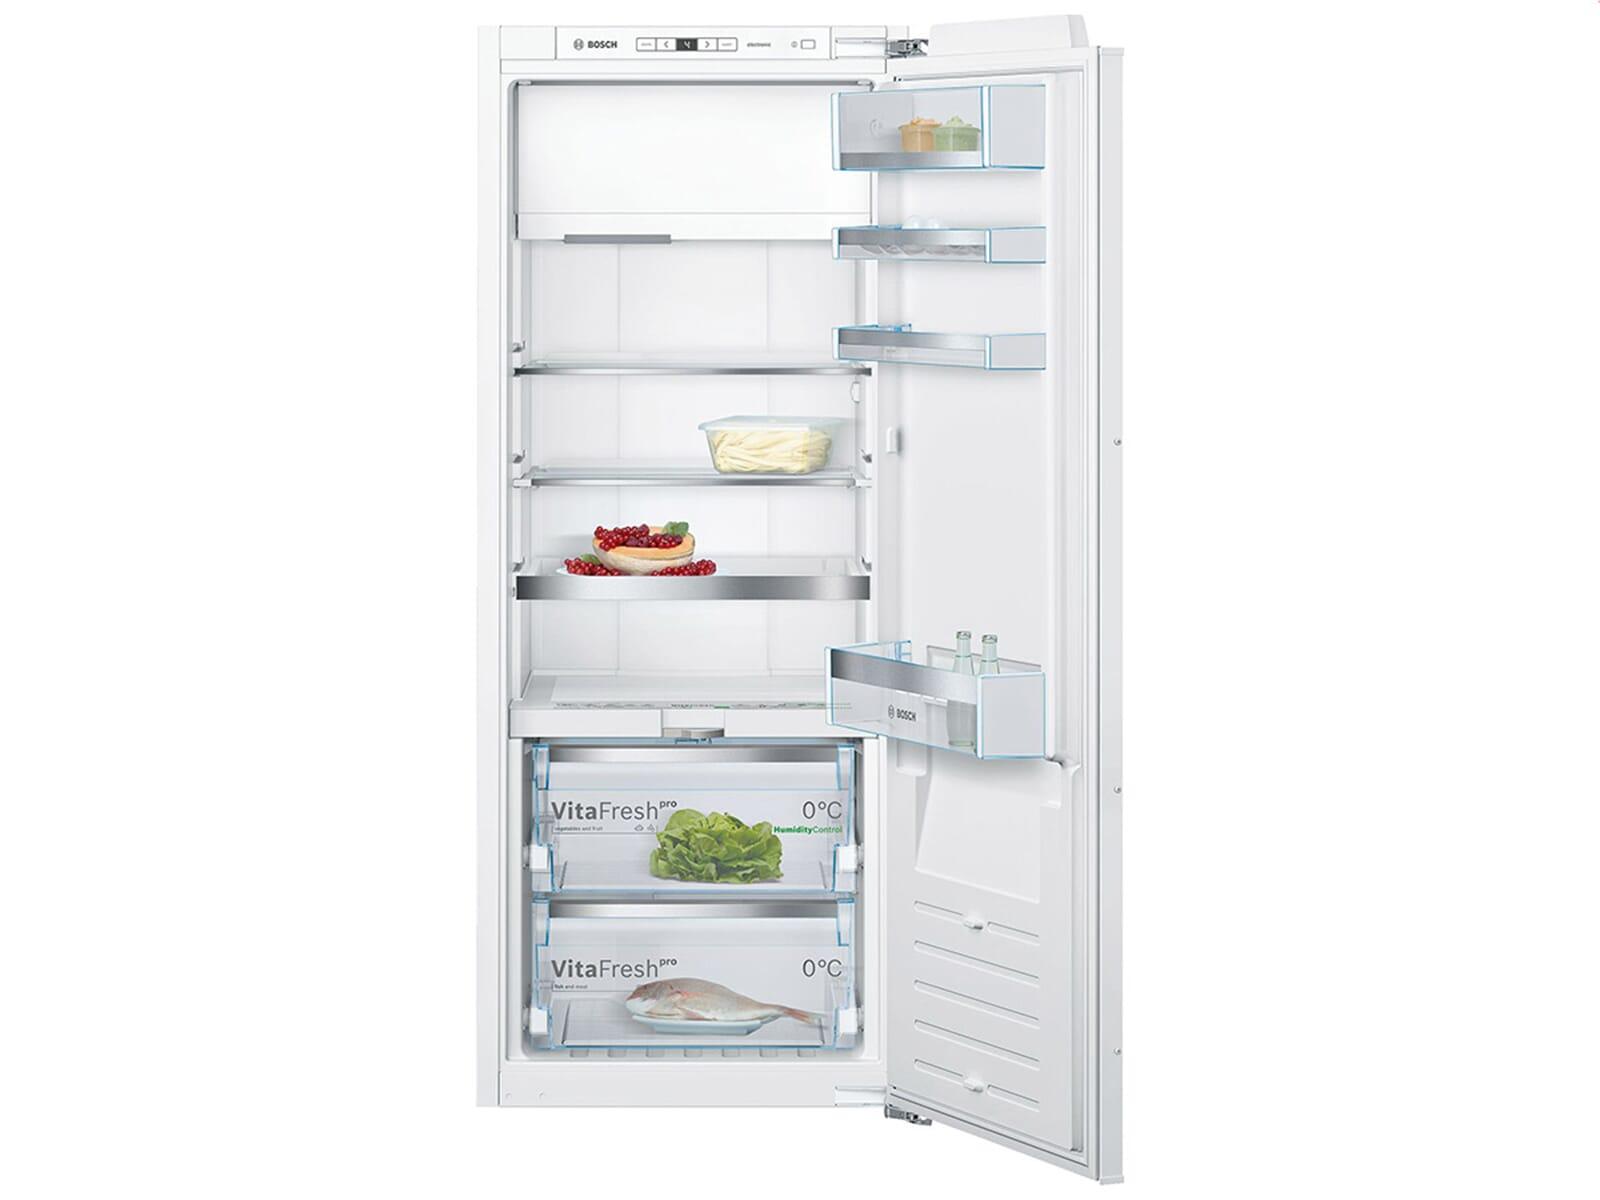 Bosch Kühlschrank Einbau Mit Festtürmontage : Bosch kif af einbaukühlschrank